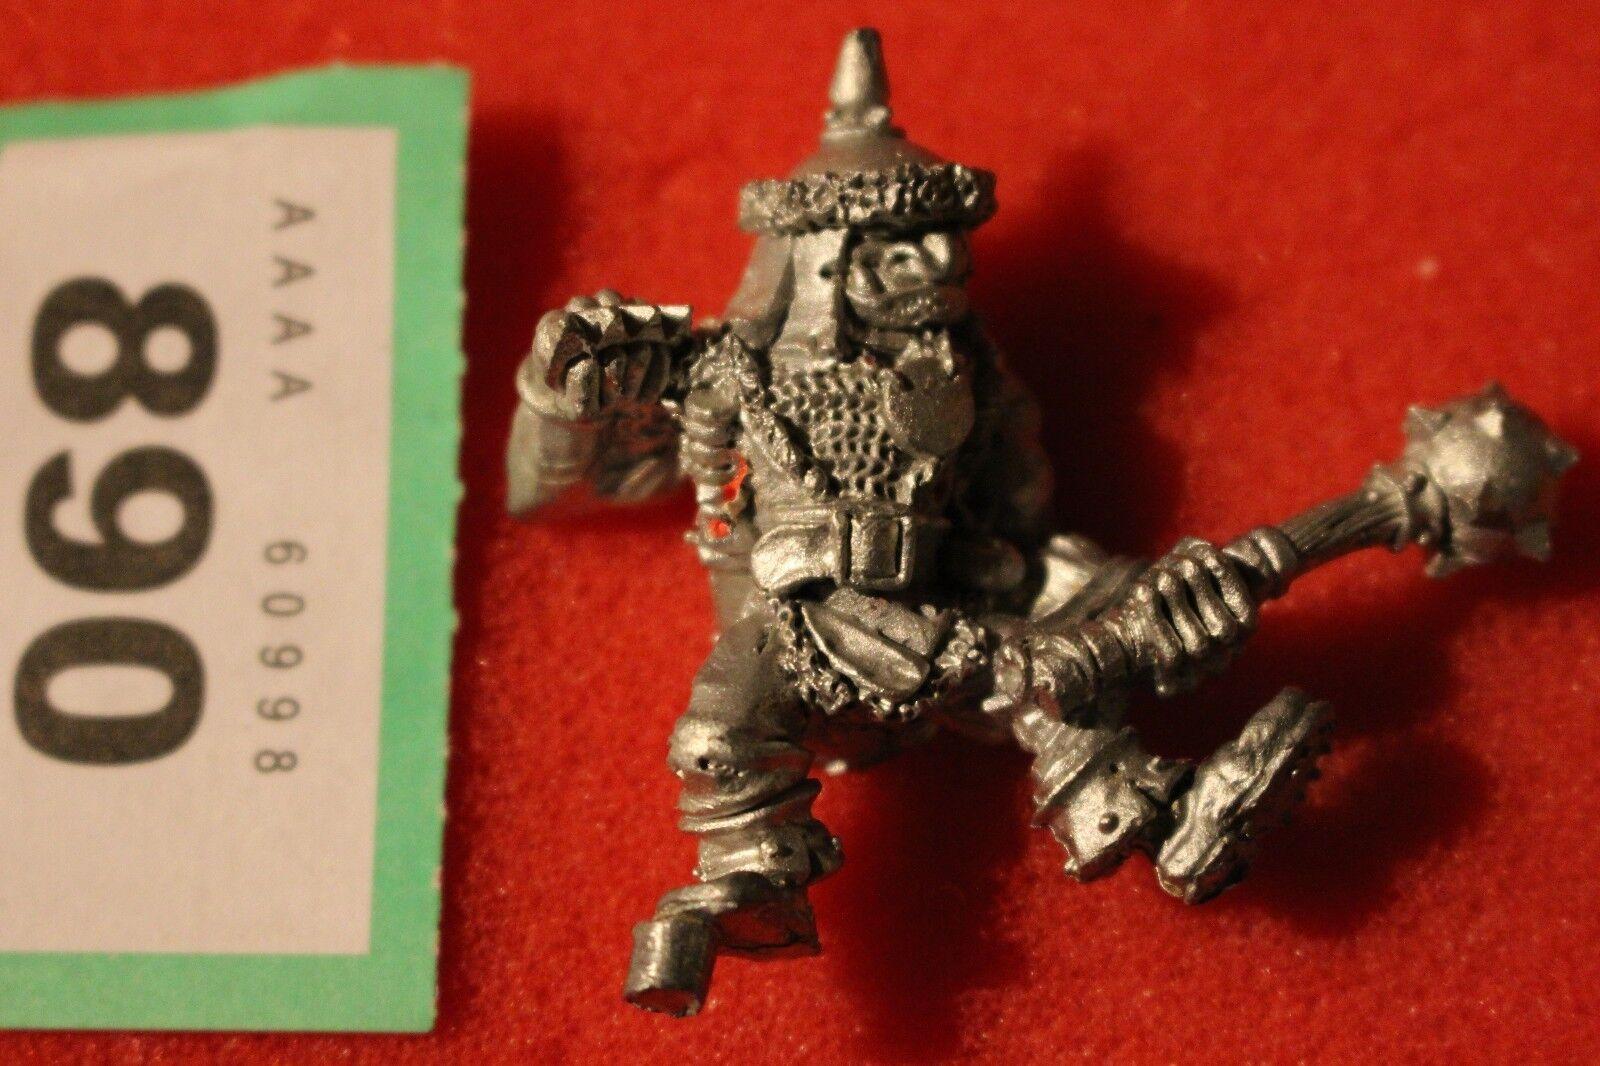 Citadel Warhammer Giant Ogres Ogre Thug Games Workshop Metal Fantasy OOP GW